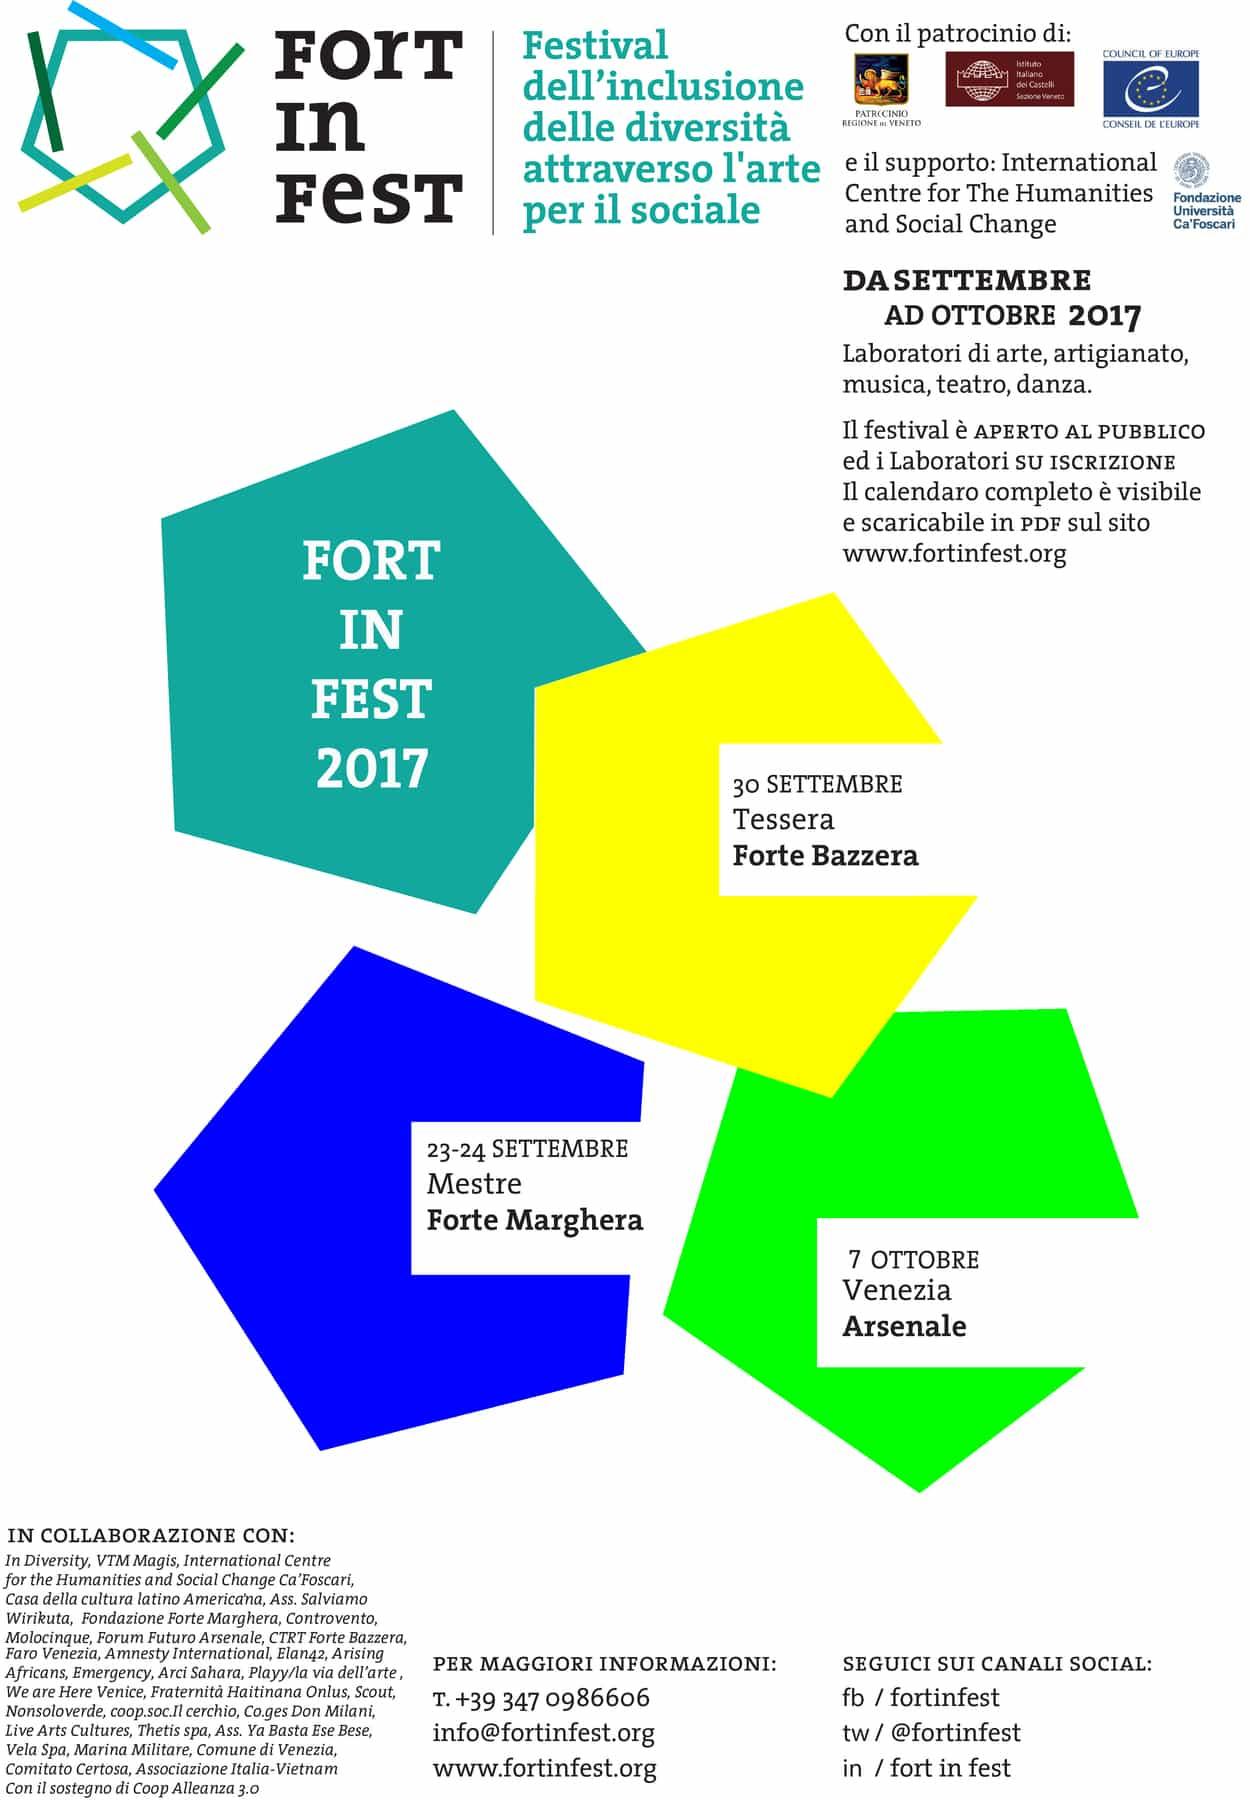 PROGRAMMA FORT IN FEST Seconda Edizione 2017